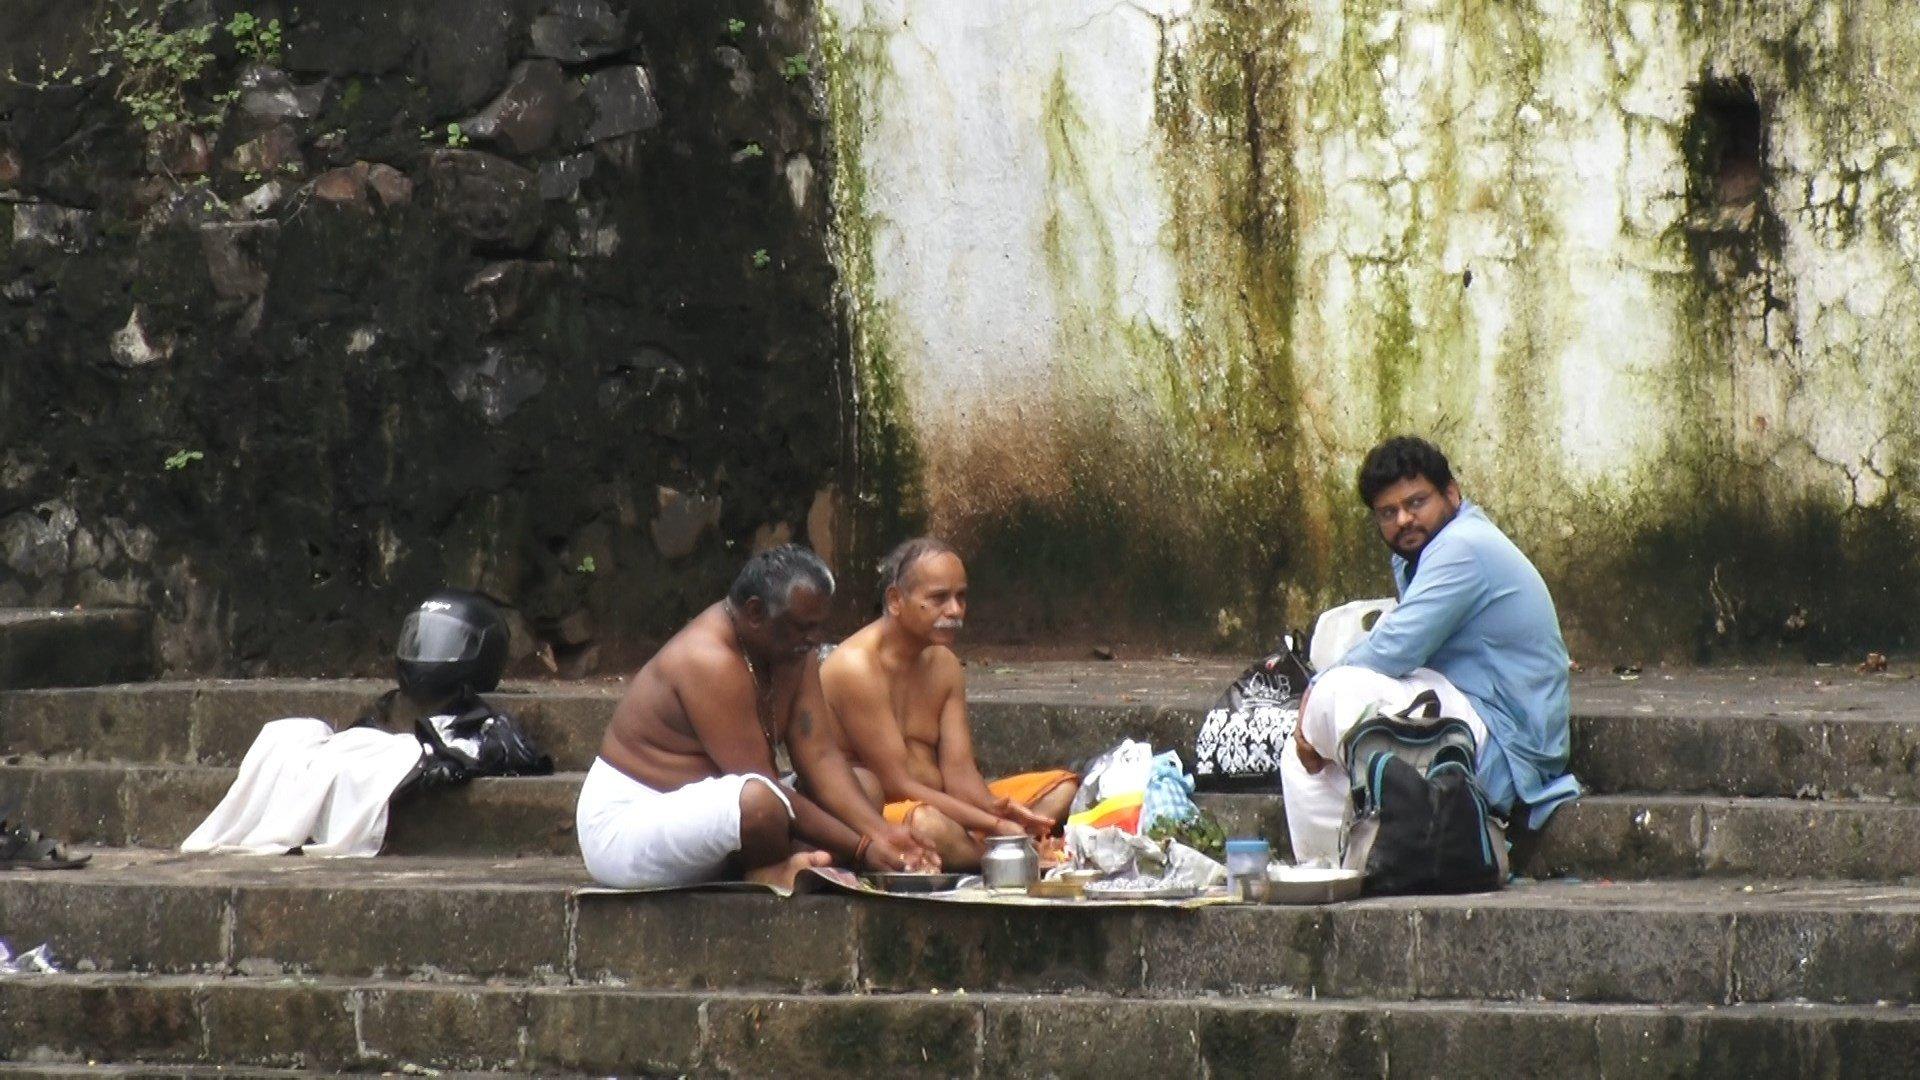 भगवान राम की प्यास ने बाणगंगा को दिया जन्म, जानिए इतिहास और आध्यात्मिक महत्व!